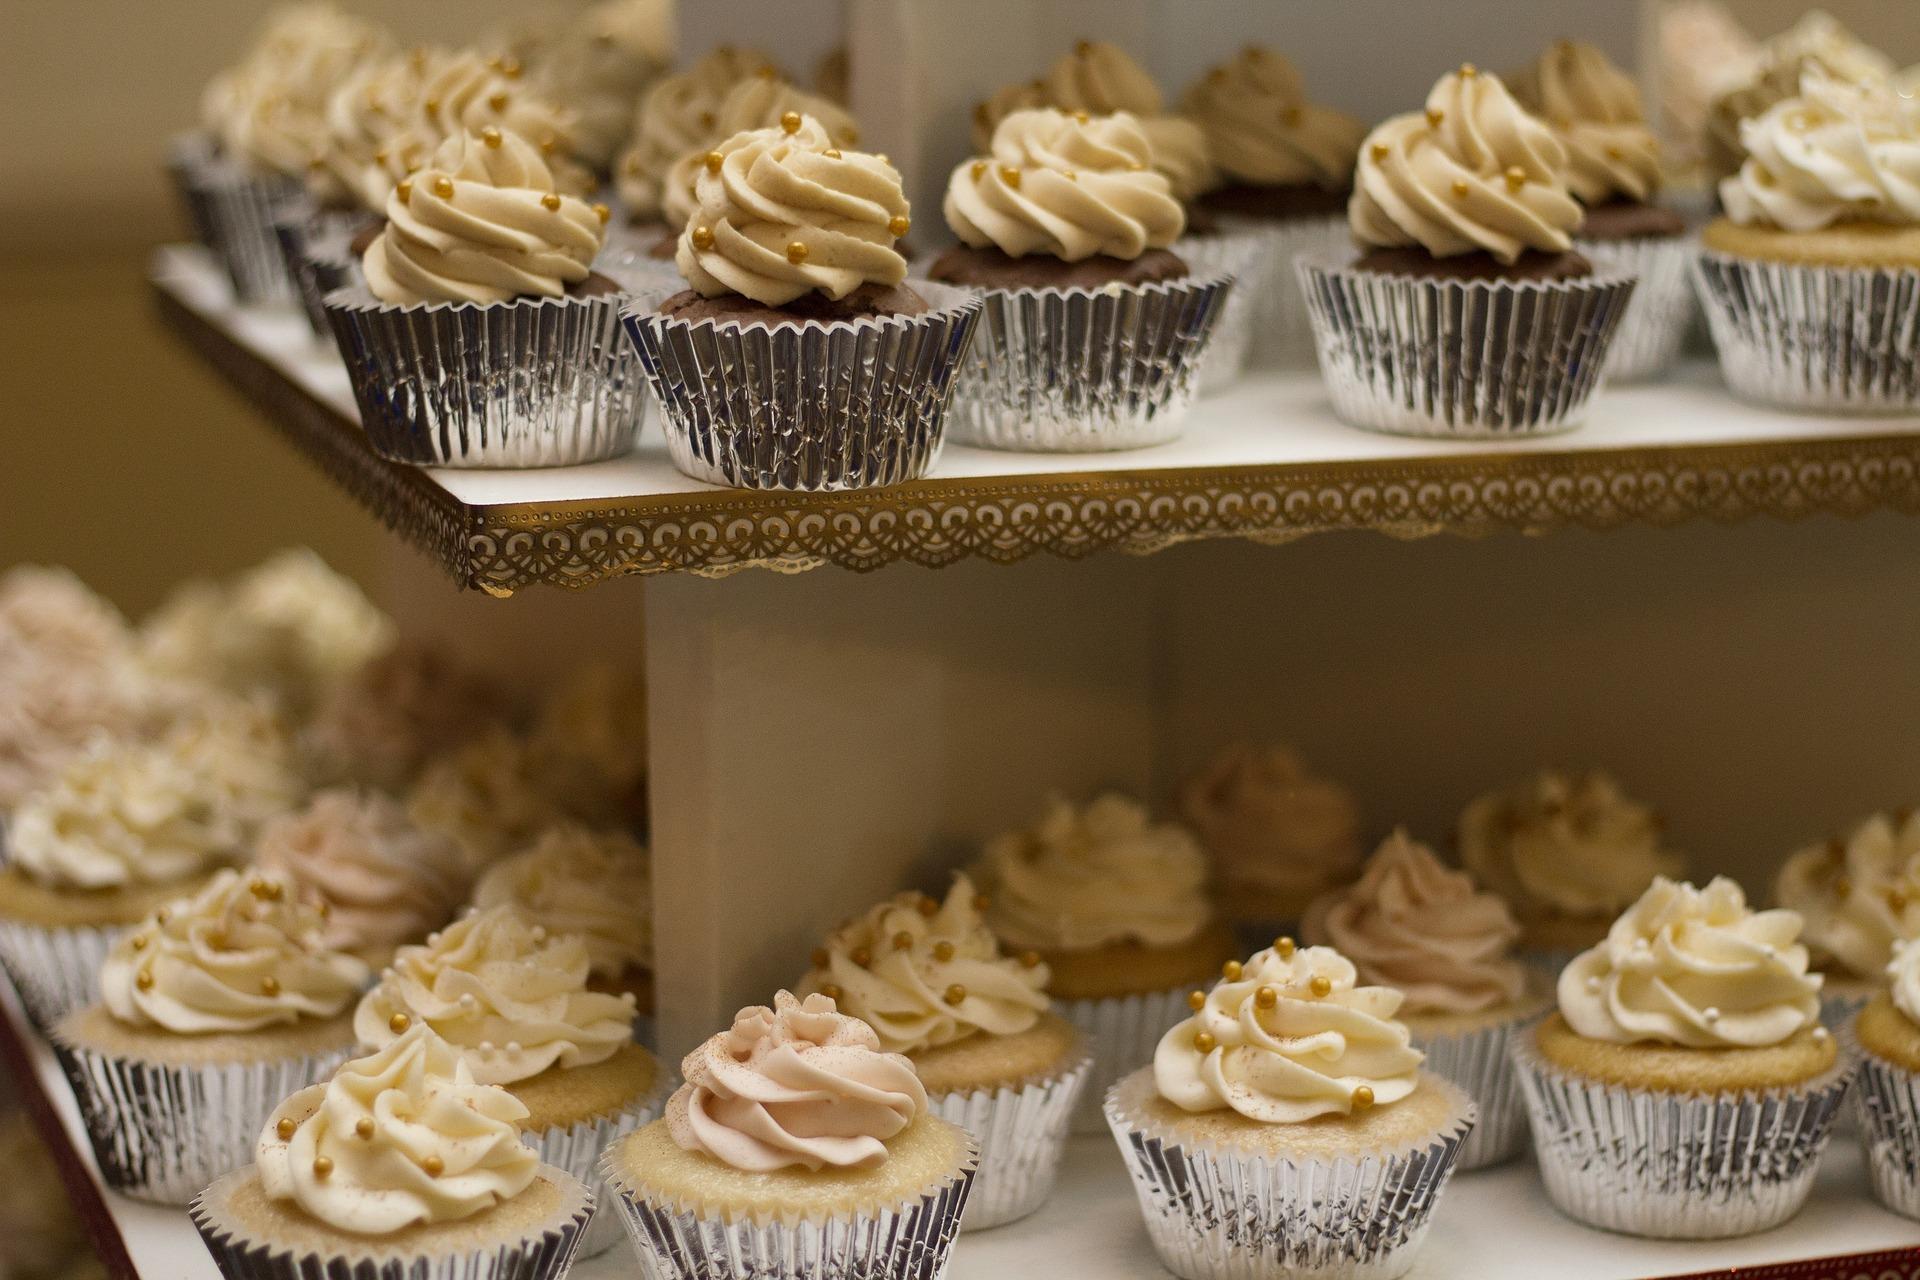 cakes-1245725_1920